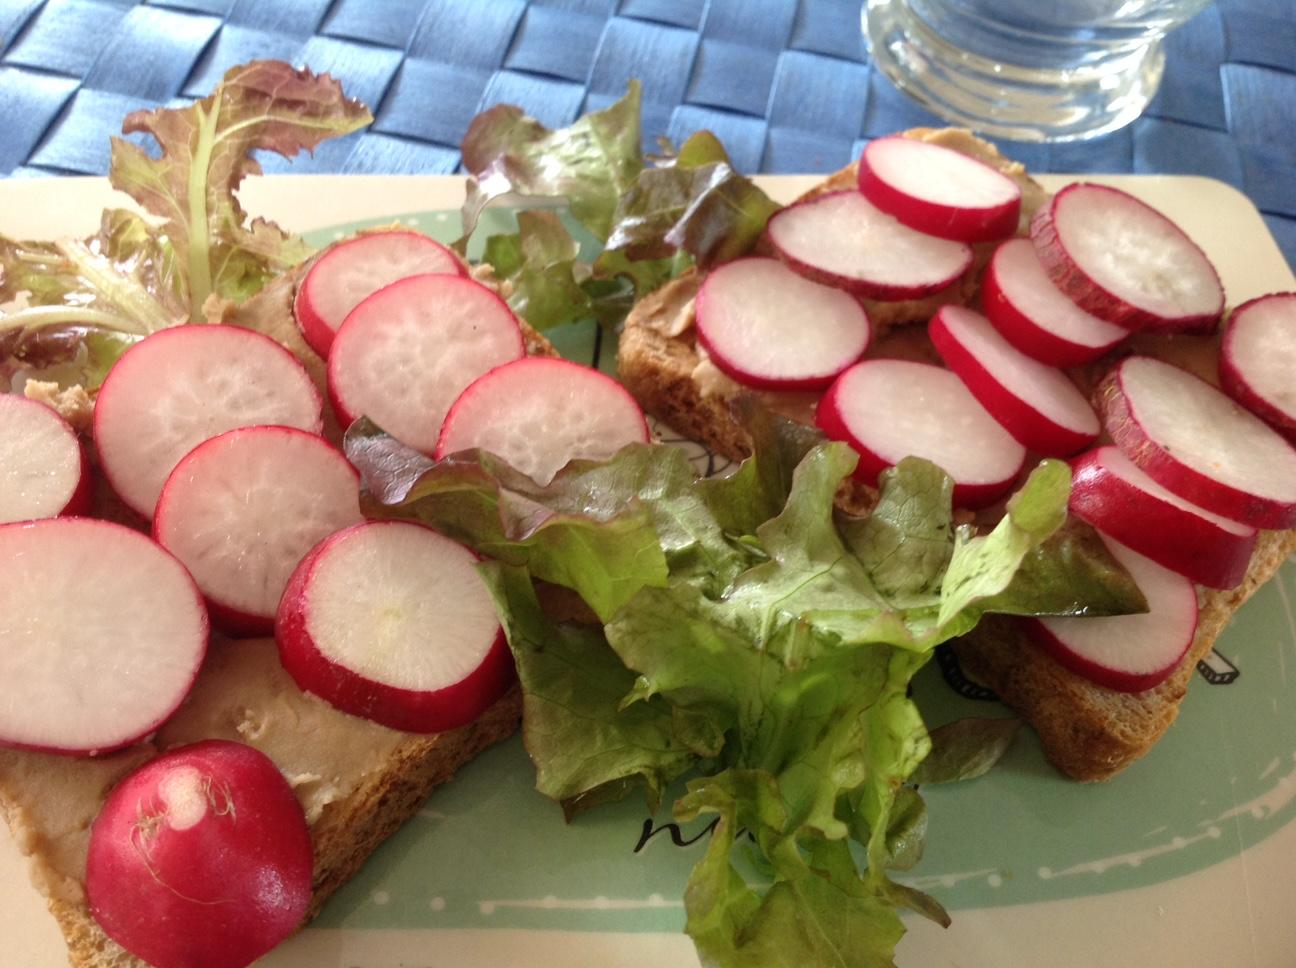 Radio-Tipp 12: Damit Lebensmittel cool bleiben- Lagertipps für den Kühlschrank